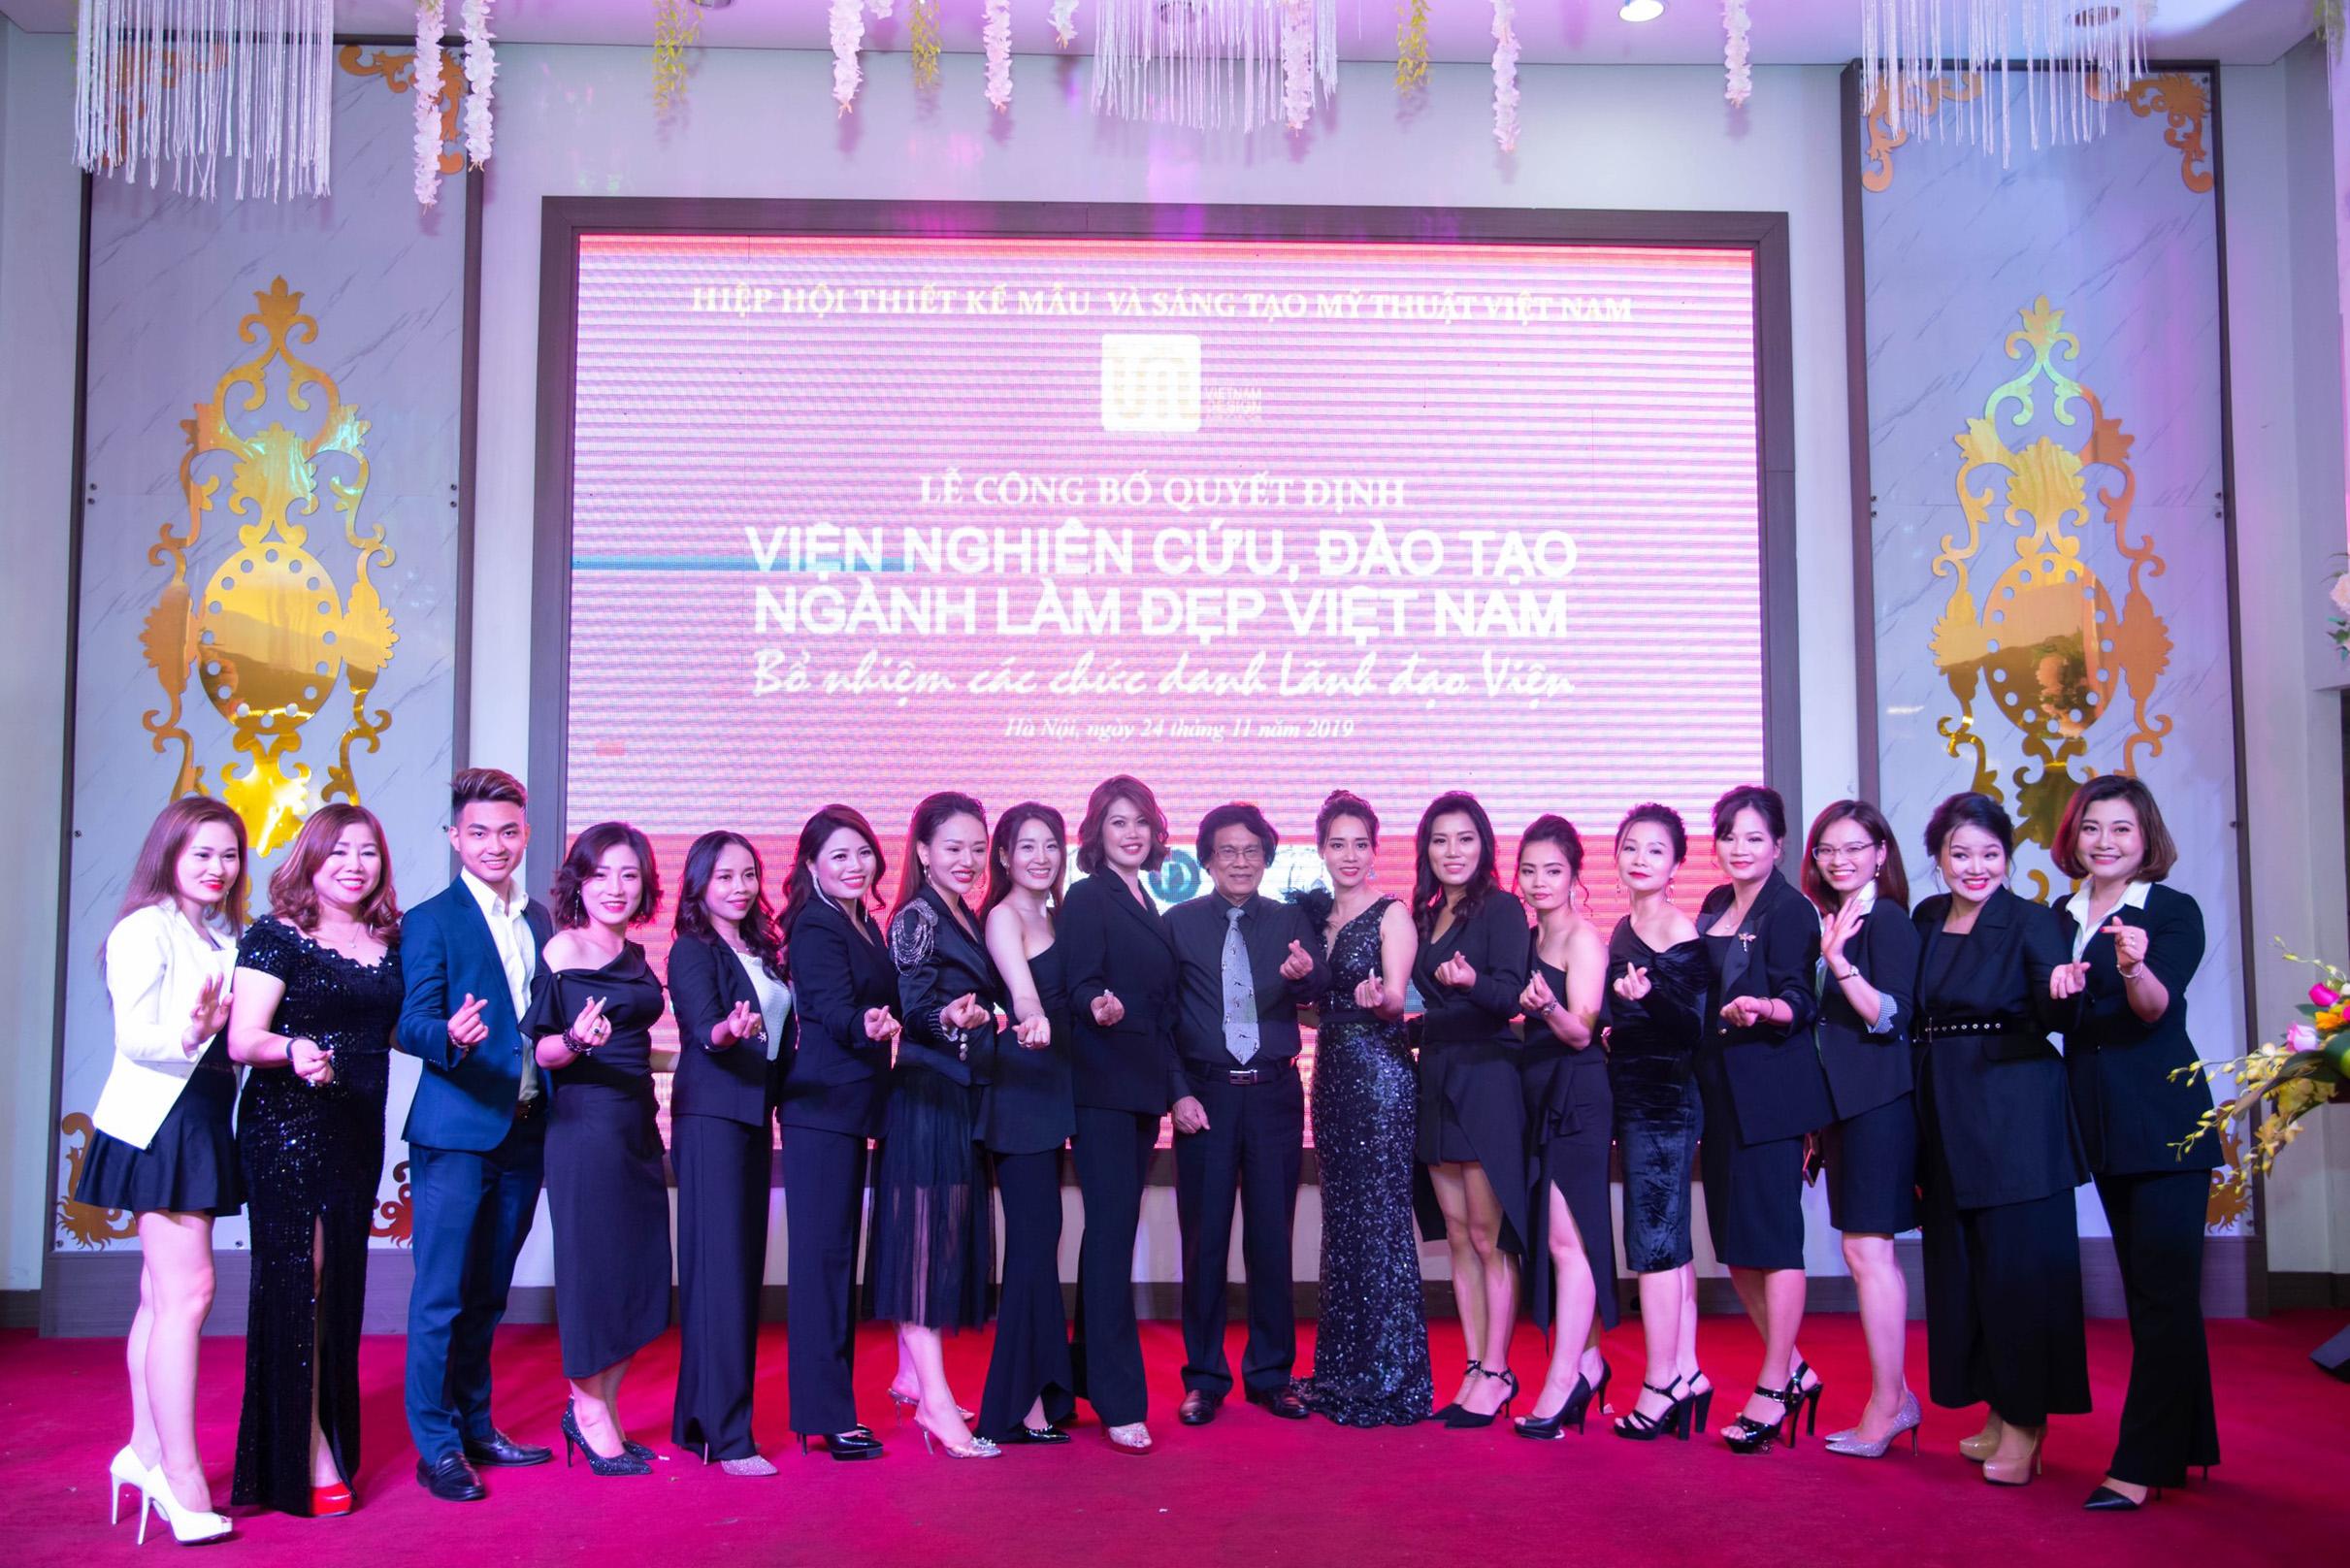 Hand Việt là Viện Nghiên Cứu, Đào Tạo Ngành Làm Đẹp Việt Nam